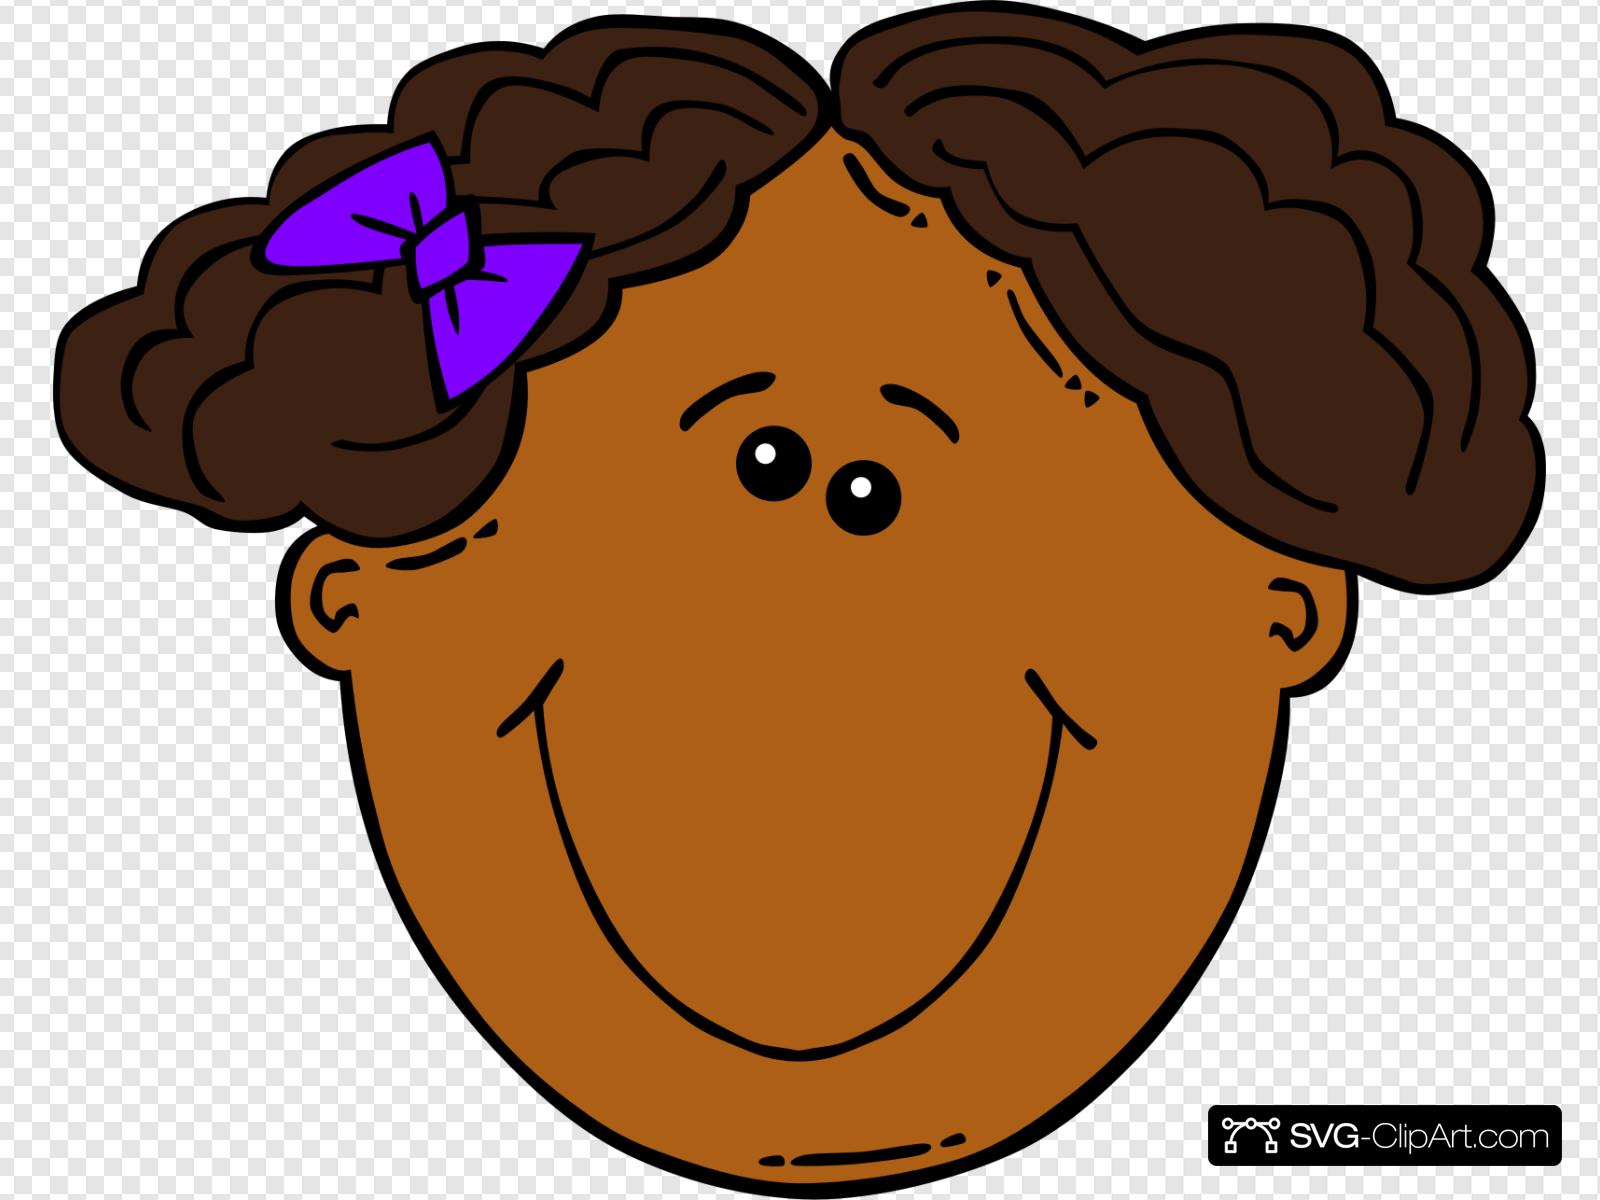 Cartoon Girl Face Clip art, Icon and SVG.